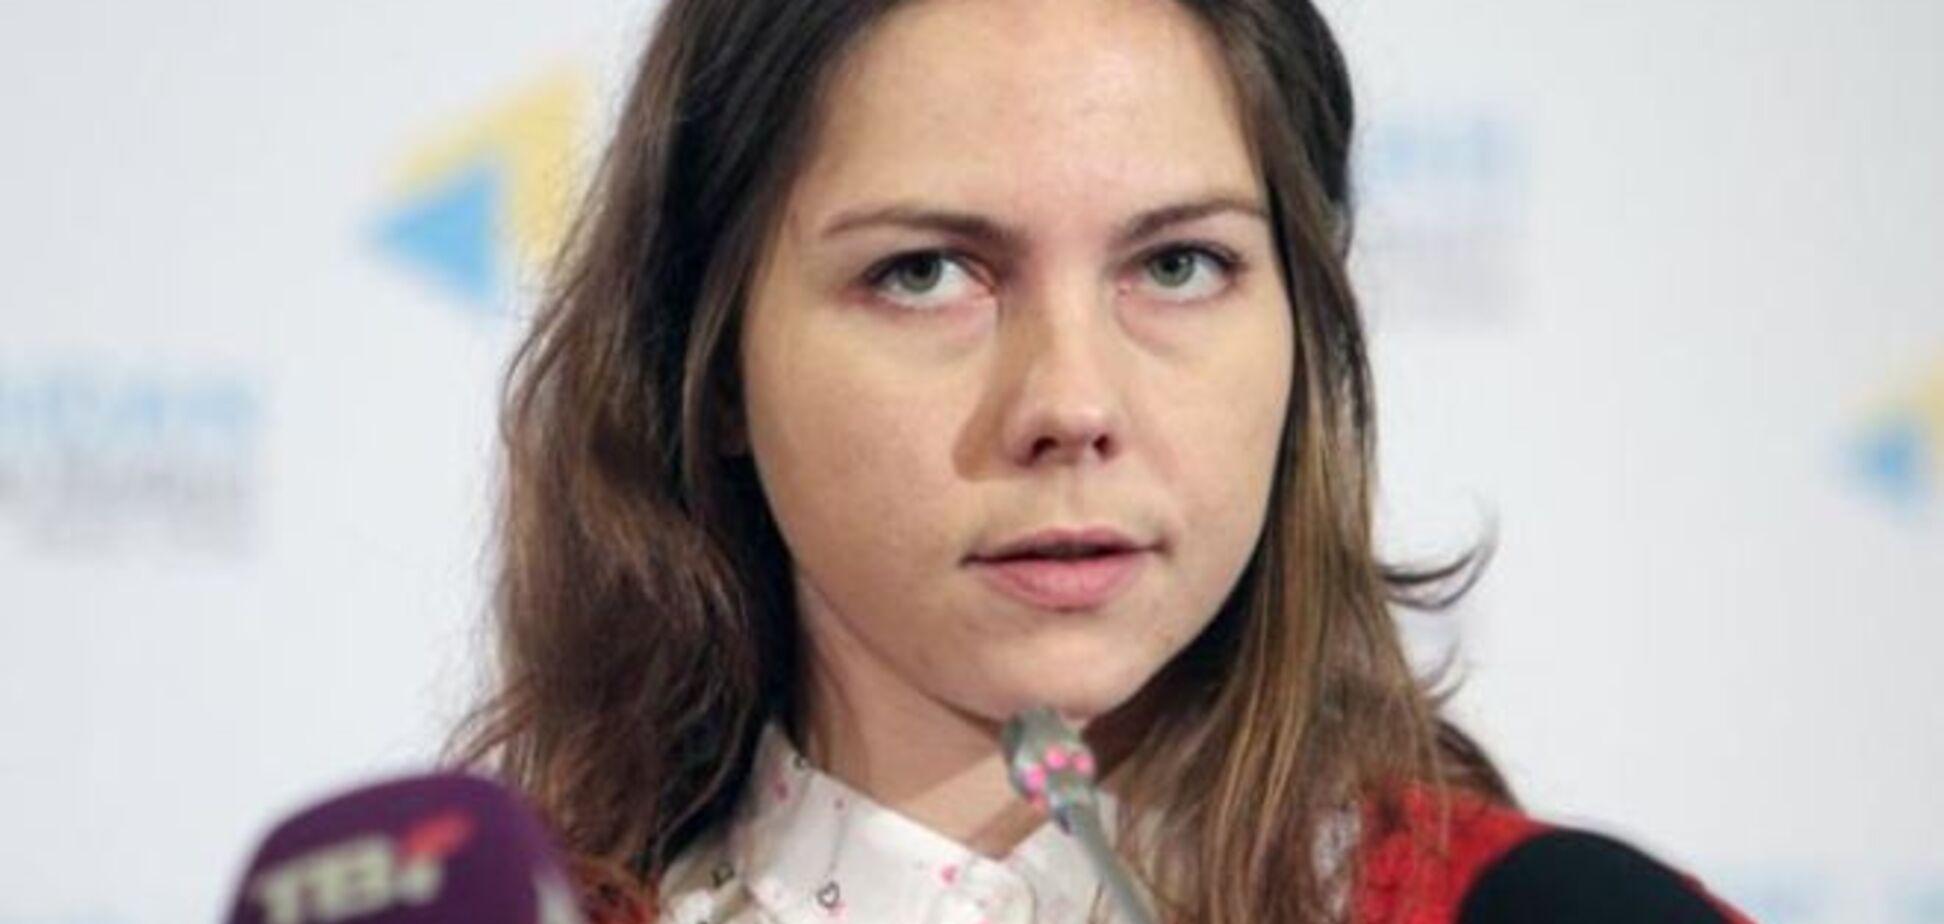 До Савченко занадилися депутати Держдуми з пропозицією угоди, яка примирить Україну і Росію